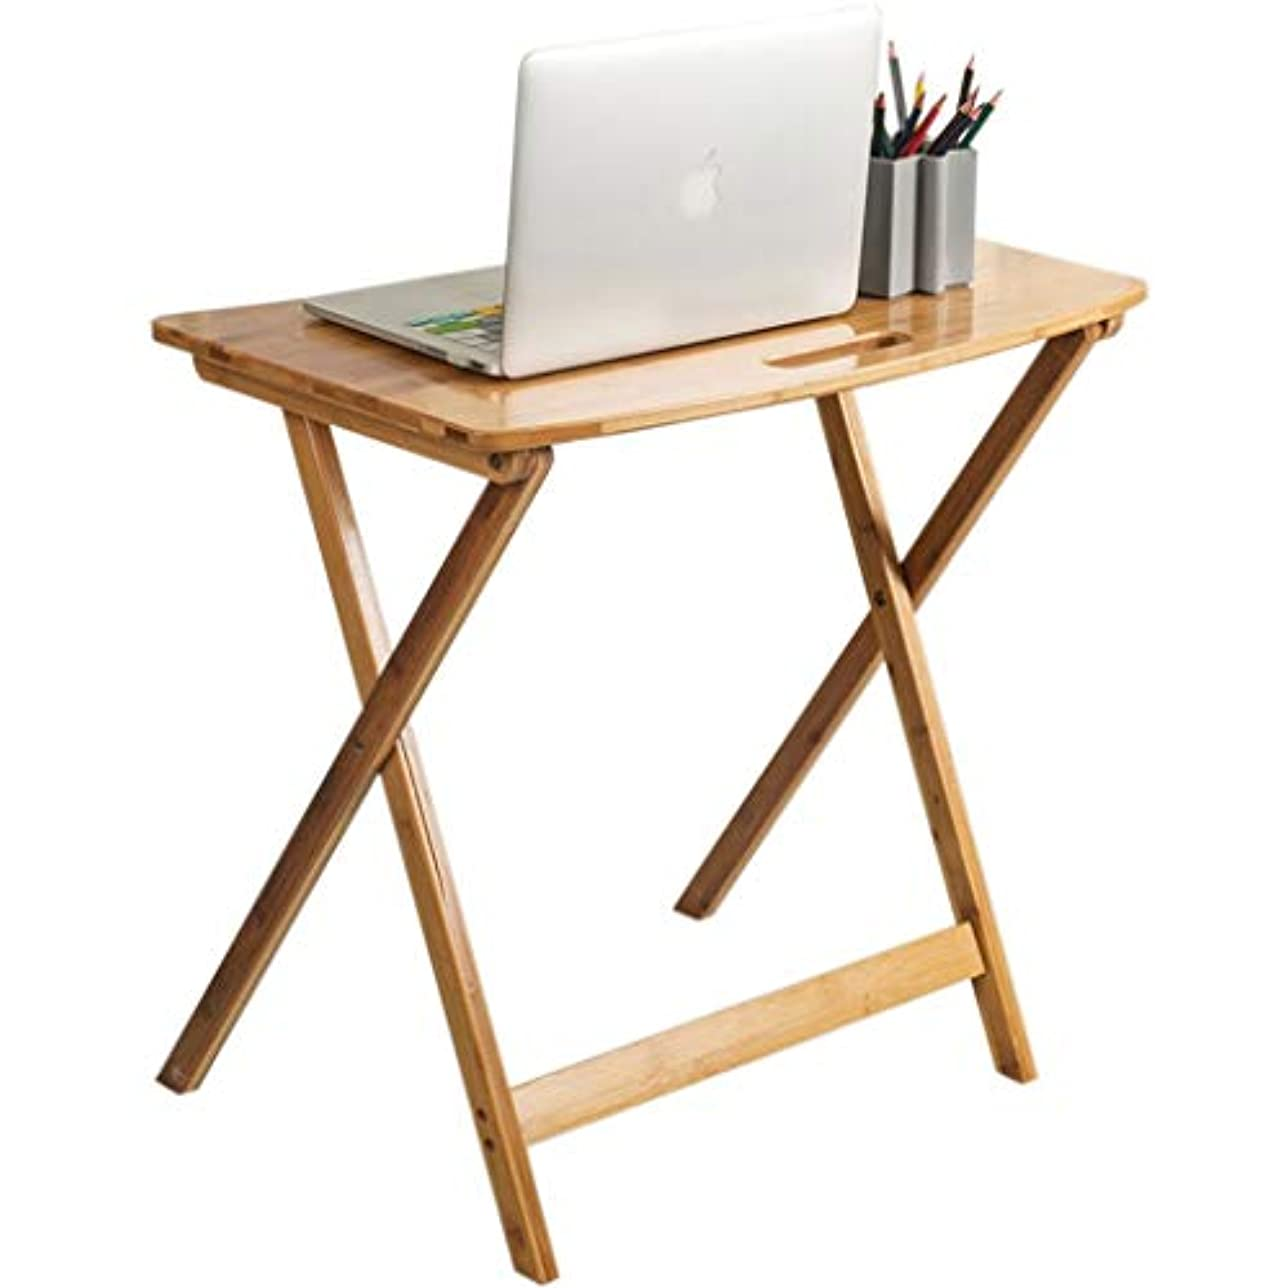 あえてタンザニアコットンWangYi 折りたたみ式テーブル- 折りたたみ式コンピュータデスク、ファミリーシンプルデスク、ダイニングテーブル (色 : 原色, サイズ さいず : 65x37x65cm)